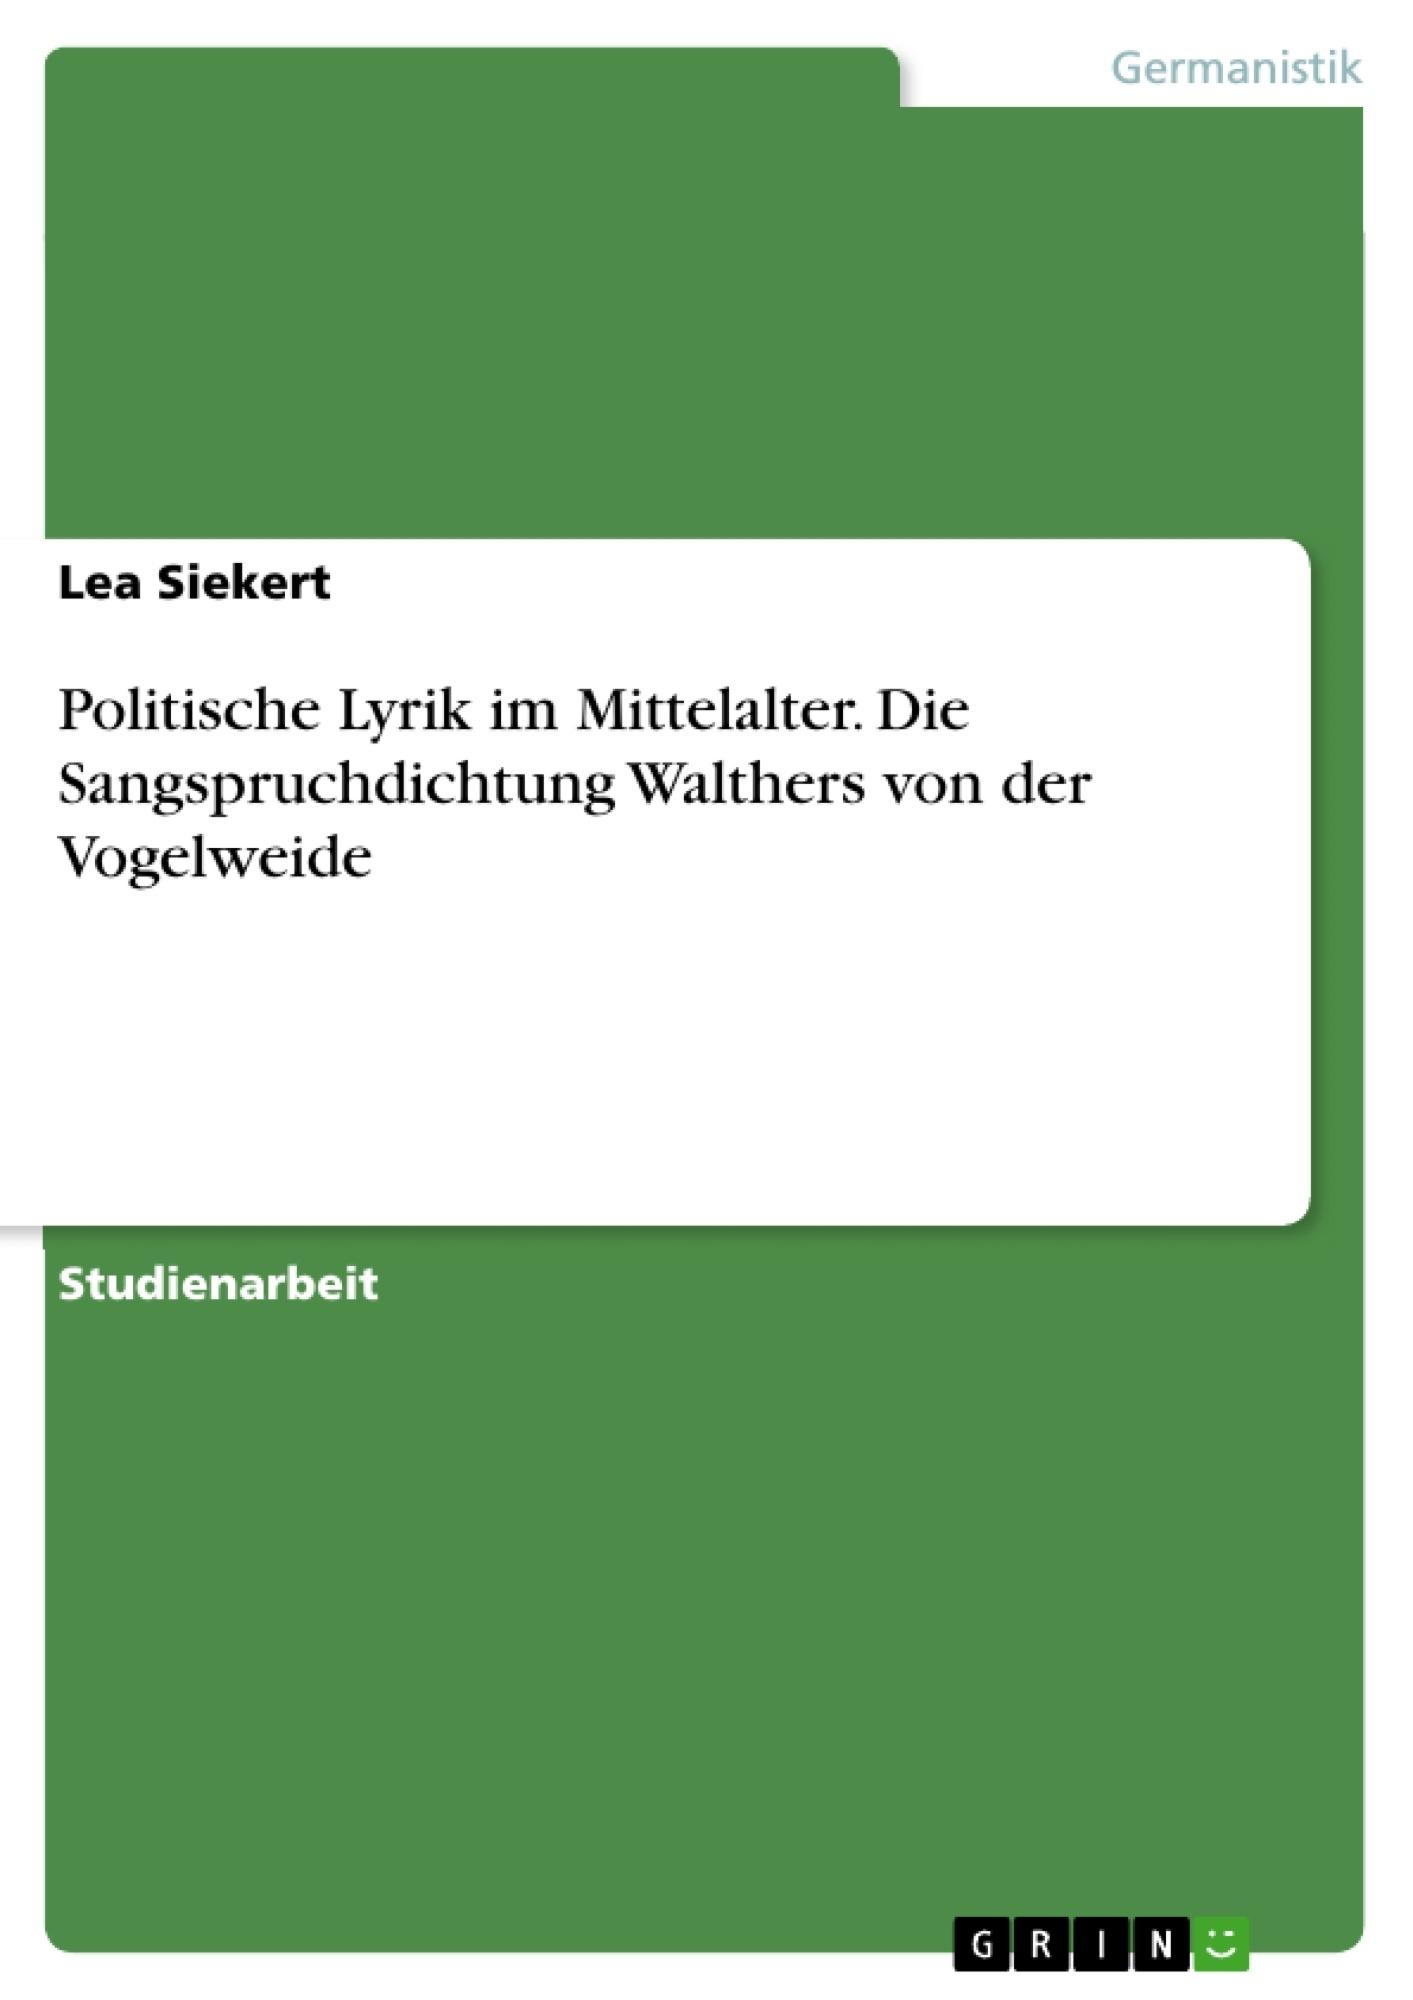 Titel: Politische Lyrik im Mittelalter. Die Sangspruchdichtung Walthers von der Vogelweide